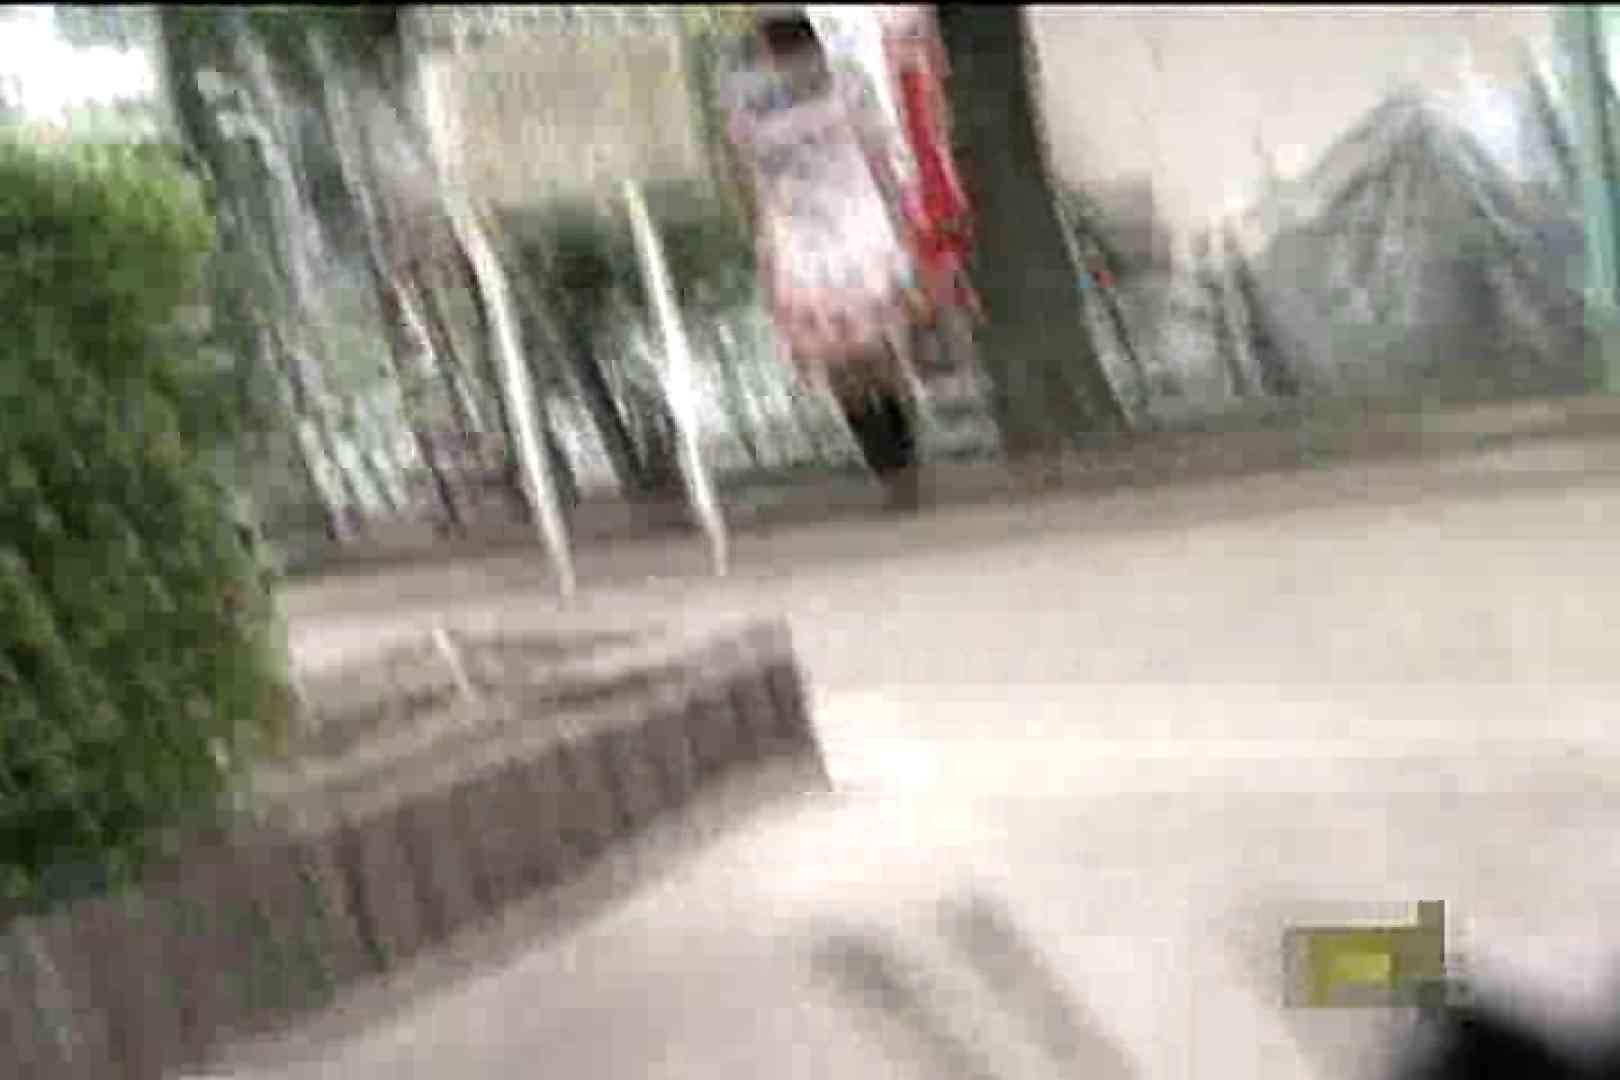 マンチラインパクトVol.11 チラ見え画像 ワレメ動画紹介 96連発 59